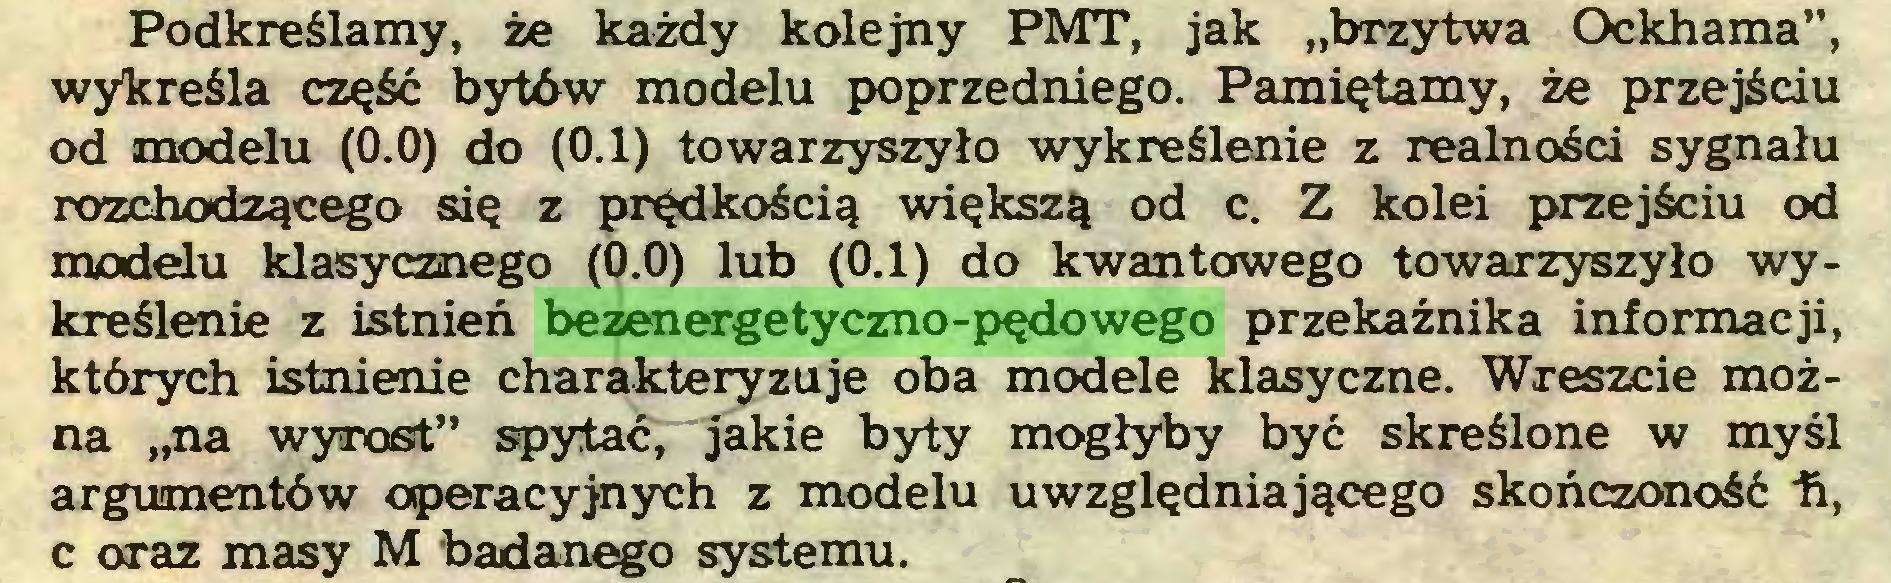 """(...) Podkreślamy, że każdy kolejny PMT, jak """"brzytwa Ockhama"""", wykreśla część bytów modelu poprzedniego. Pamiętamy, że przejściu od modelu (0.0) do (0.1) towarzyszyło wykreślenie z realności sygnału rozchodzącego się z prędkością większą od c. Z kolei przejściu od modelu klasycznego (0.0) lub (0.1) do kwantowego towarzyszyło wykreślenie z istnień bezenergetyczno-pędowego przekaźnika informacji, których istnienie charakteryzuje oba modele klasyczne. Wreszcie można """"na wyrost"""" spytać, jakie byty mogłyby być skreślone w myśl argumentów operacyjnych z modelu uwzględniającego skończoność h, c oraz masy M badanego systemu..."""